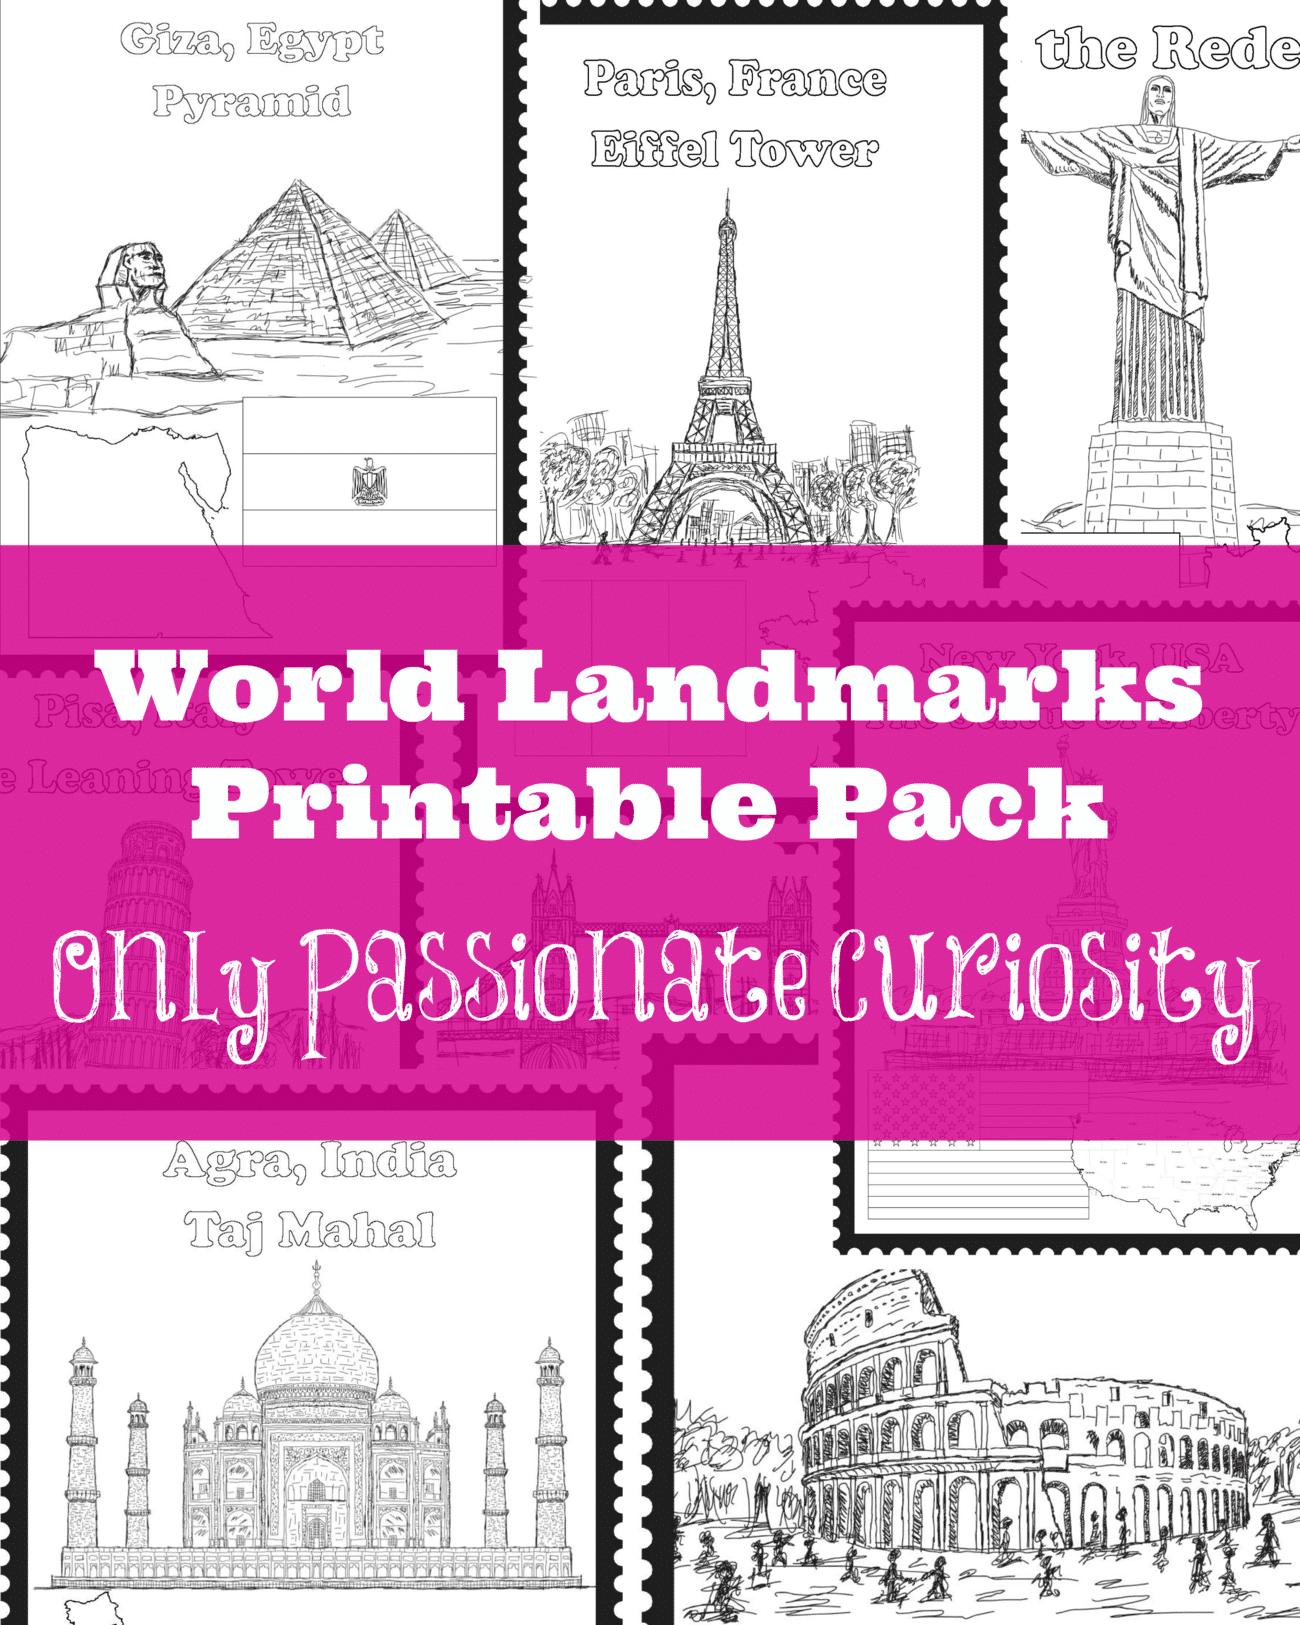 World Landmarks Printable Pack